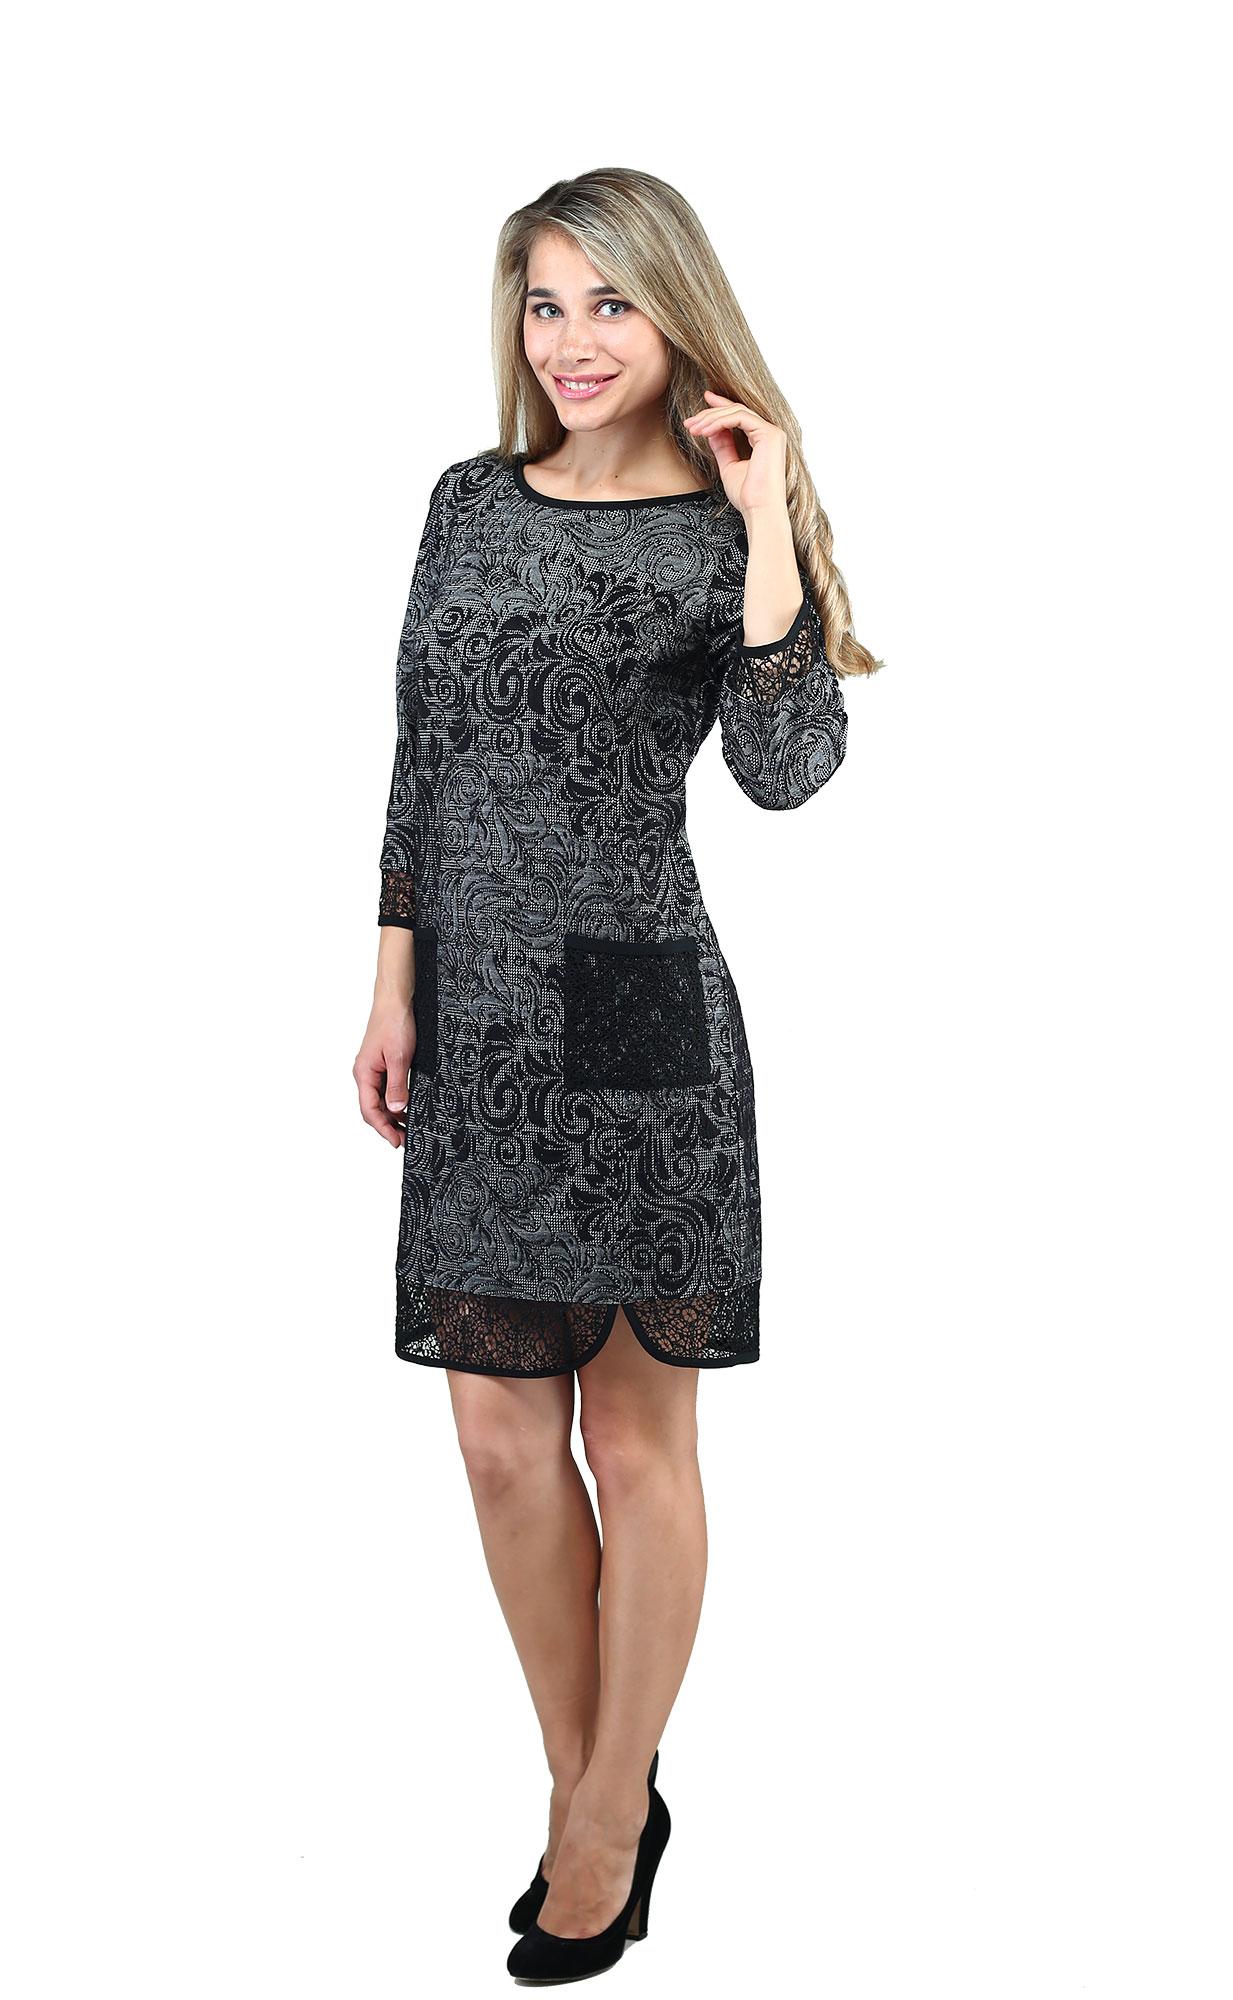 Каталог Женской Одежды Осень 2015 С Доставкой